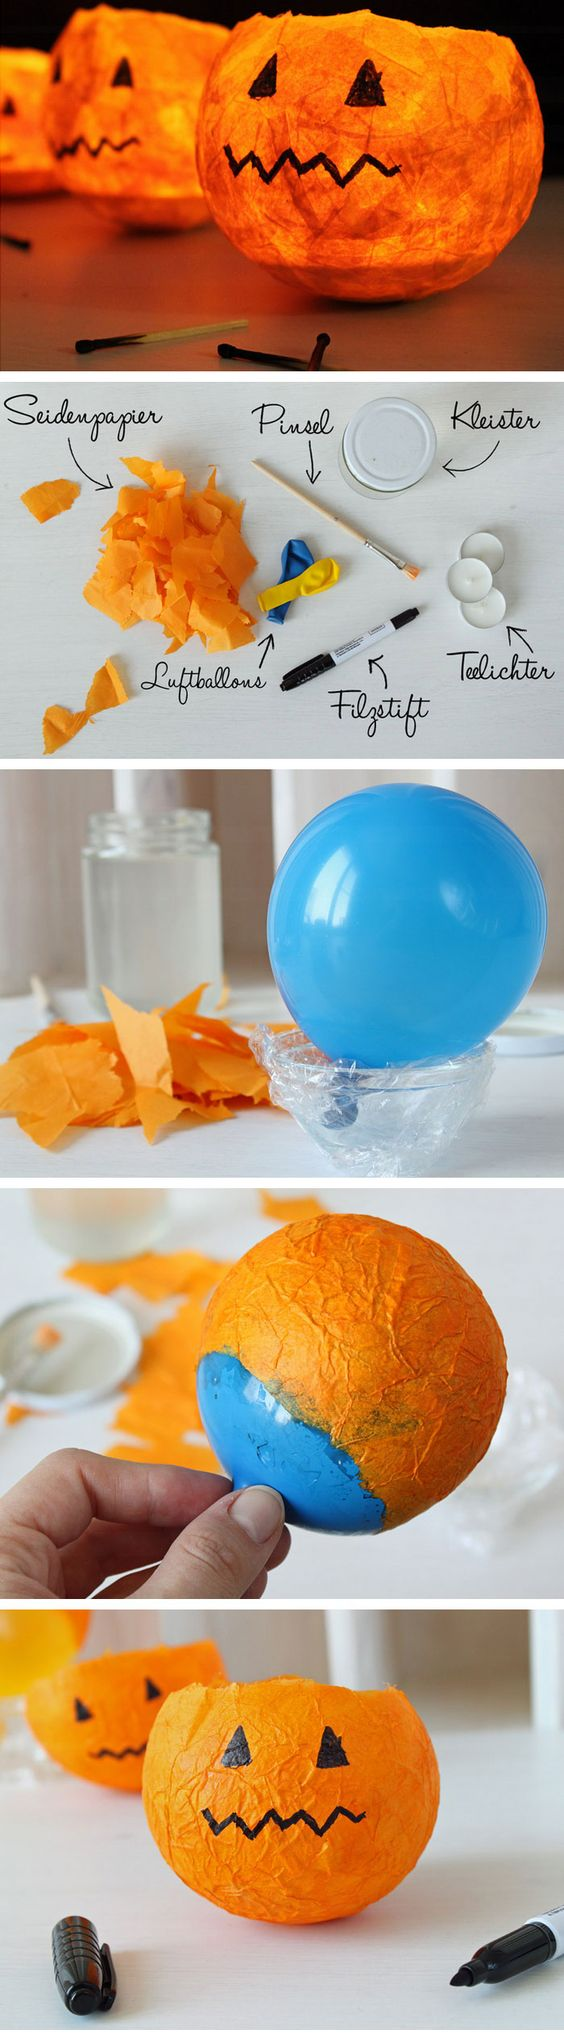 2. Papier Mache Pumpkins